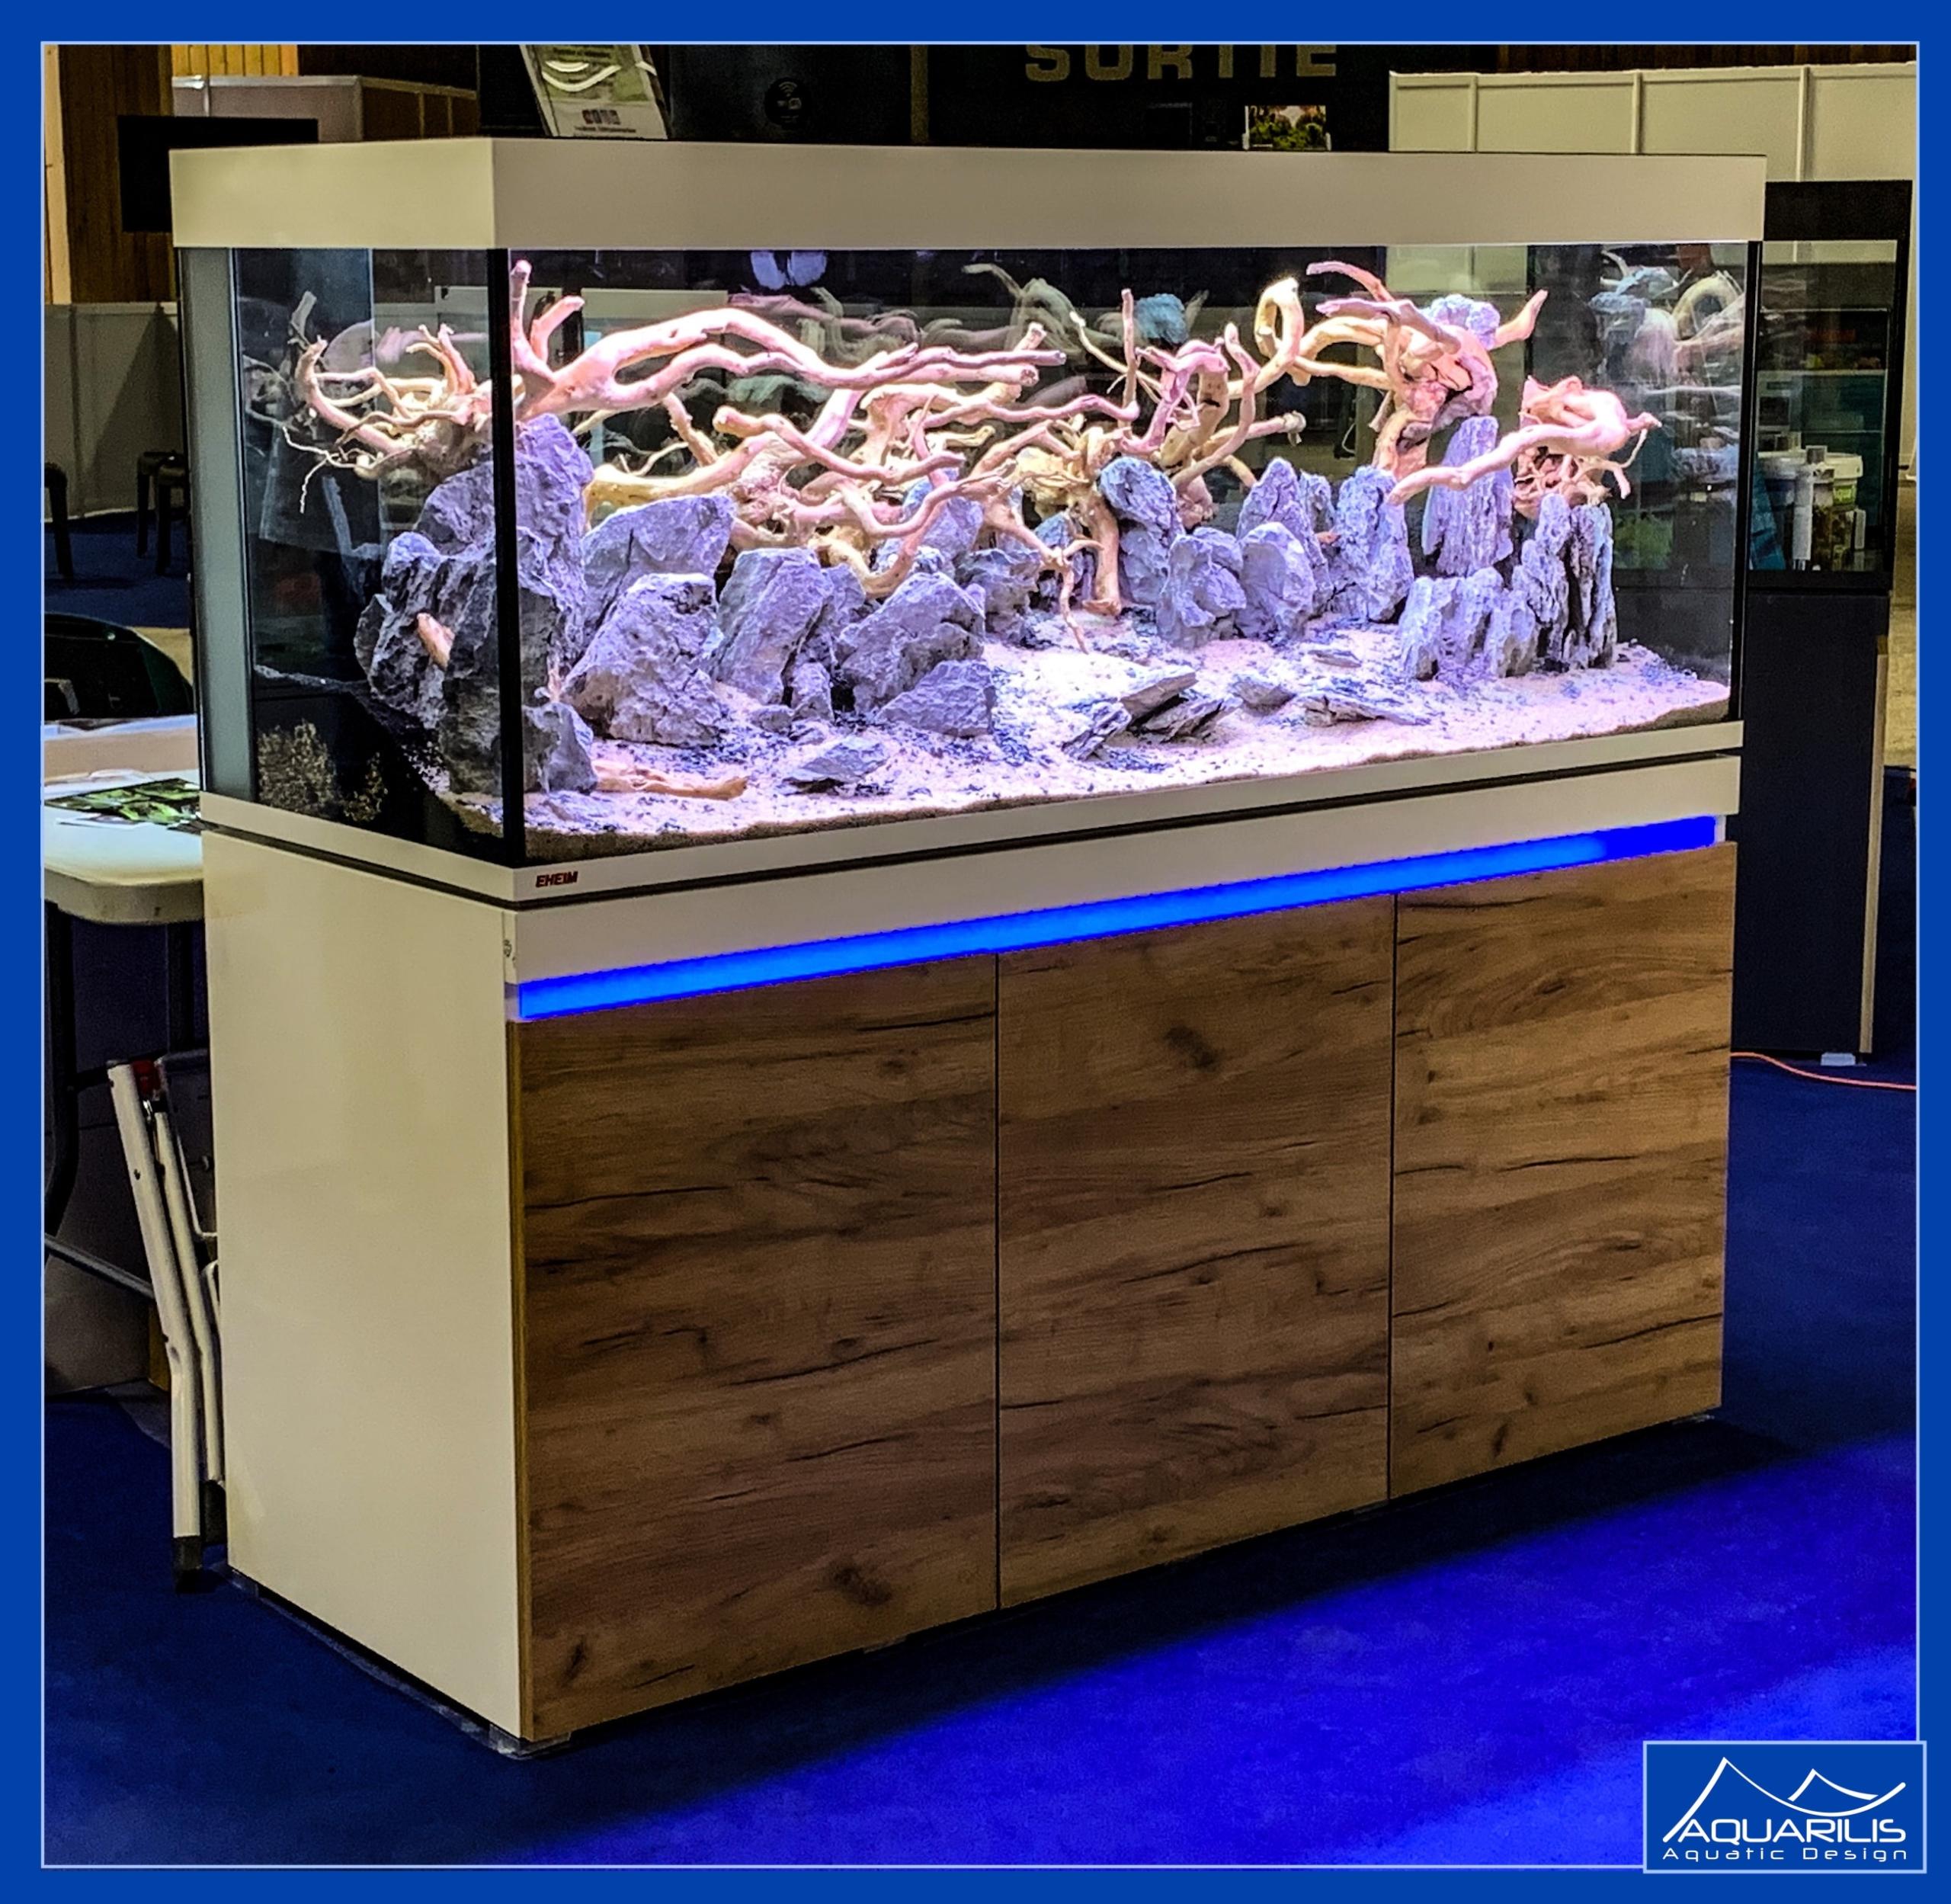 aquarium paris animal show